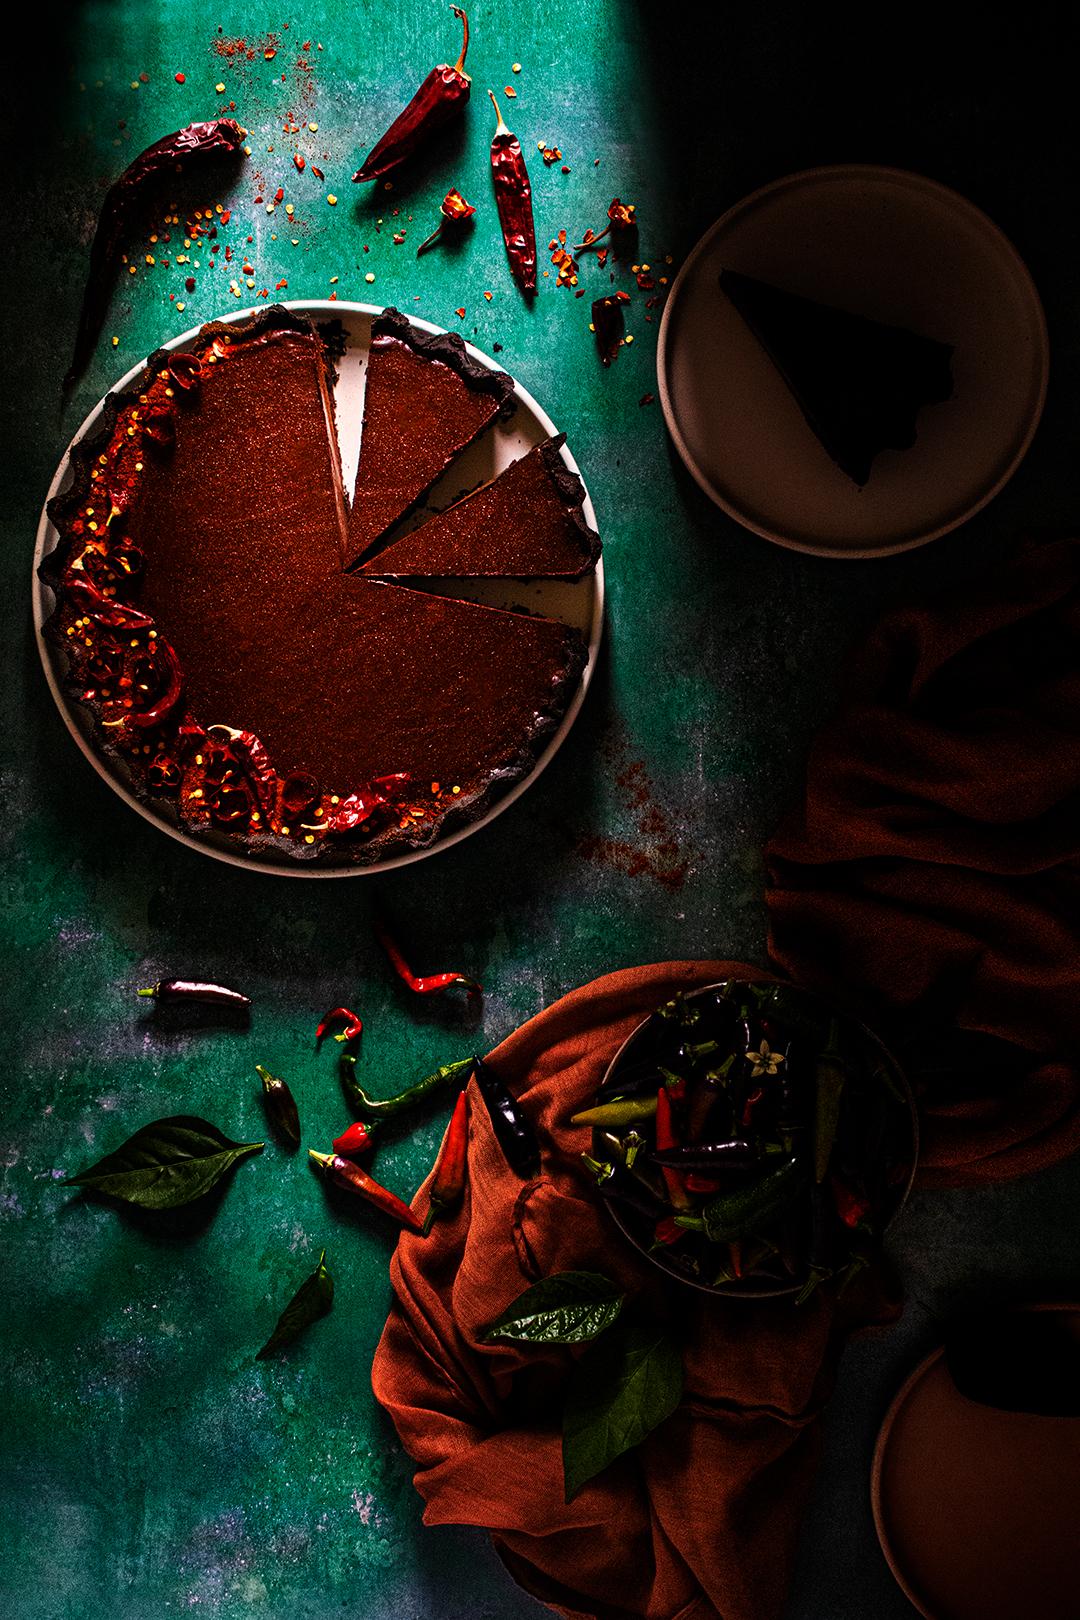 Chocolate & Chilli Tart